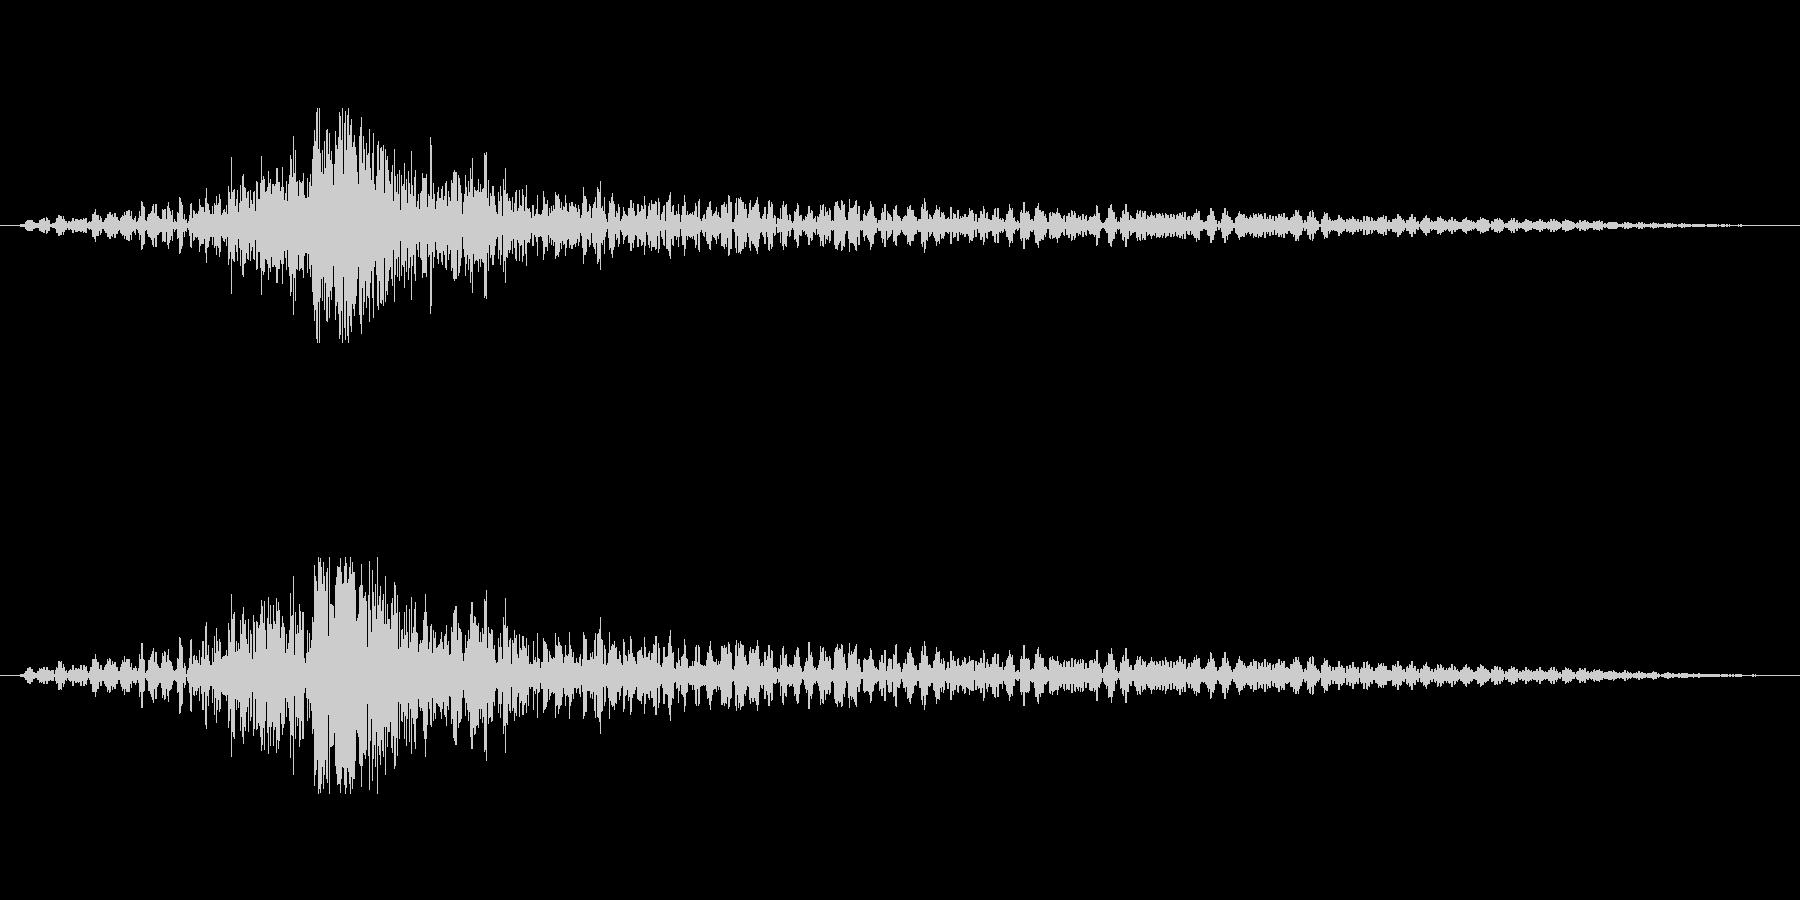 ティンパニーで「ドゥルドゥルドカン」の未再生の波形